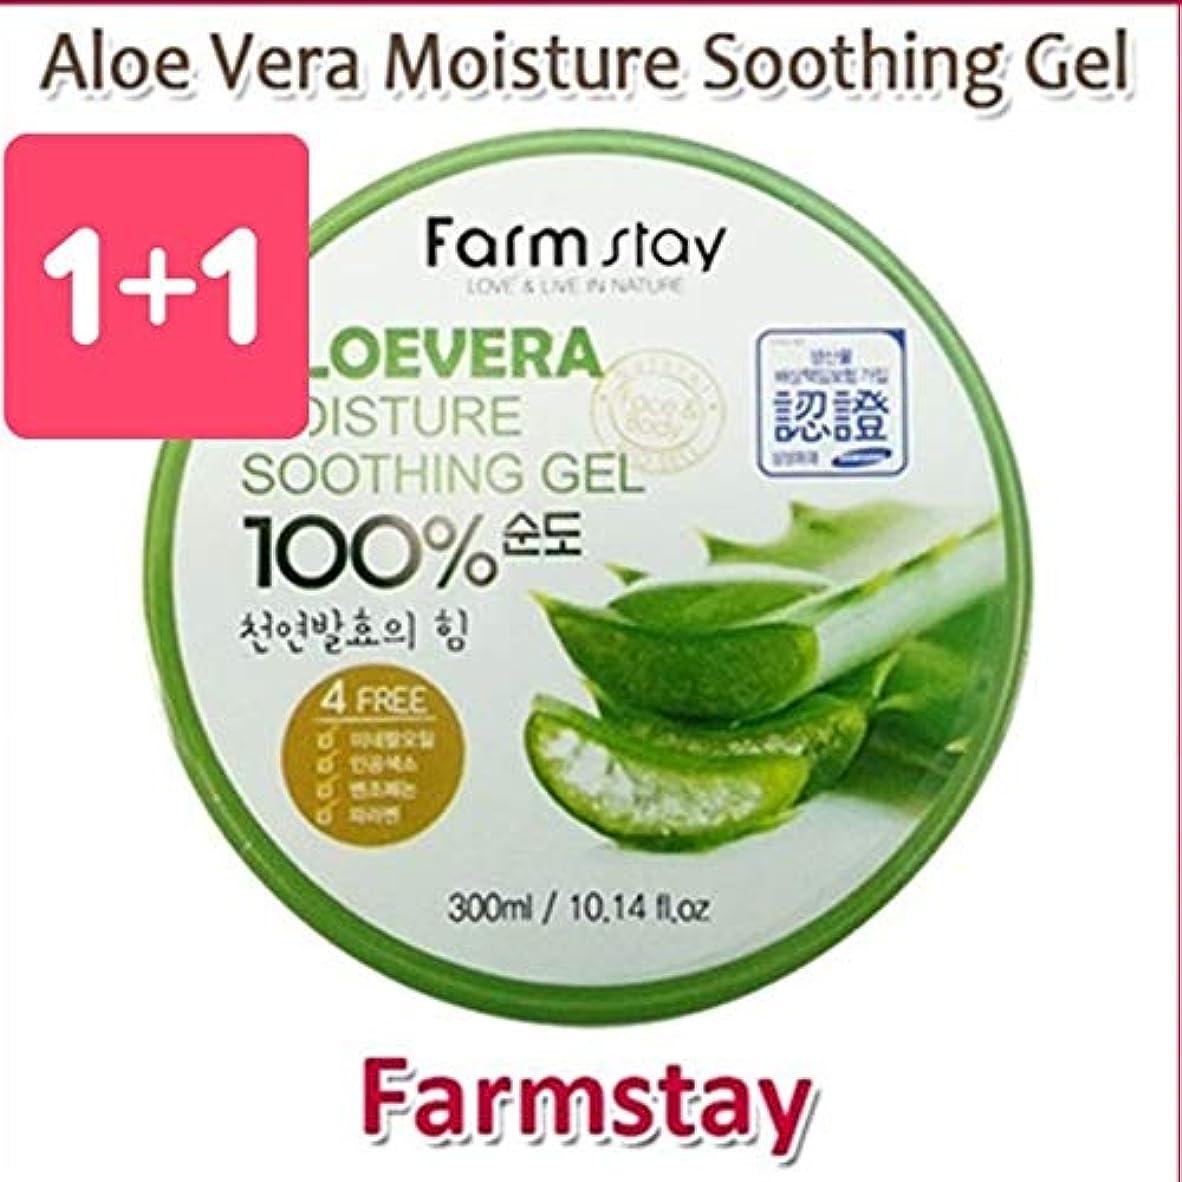 ピース十分な因子Farm Stay Aloe Vera Moisture Soothing Gel 300ml 1+1 Big Sale/オーガニック アロエベラゲル 100%/保湿ケア/韓国コスメ/Aloe Vera 100% /Moisturizing...